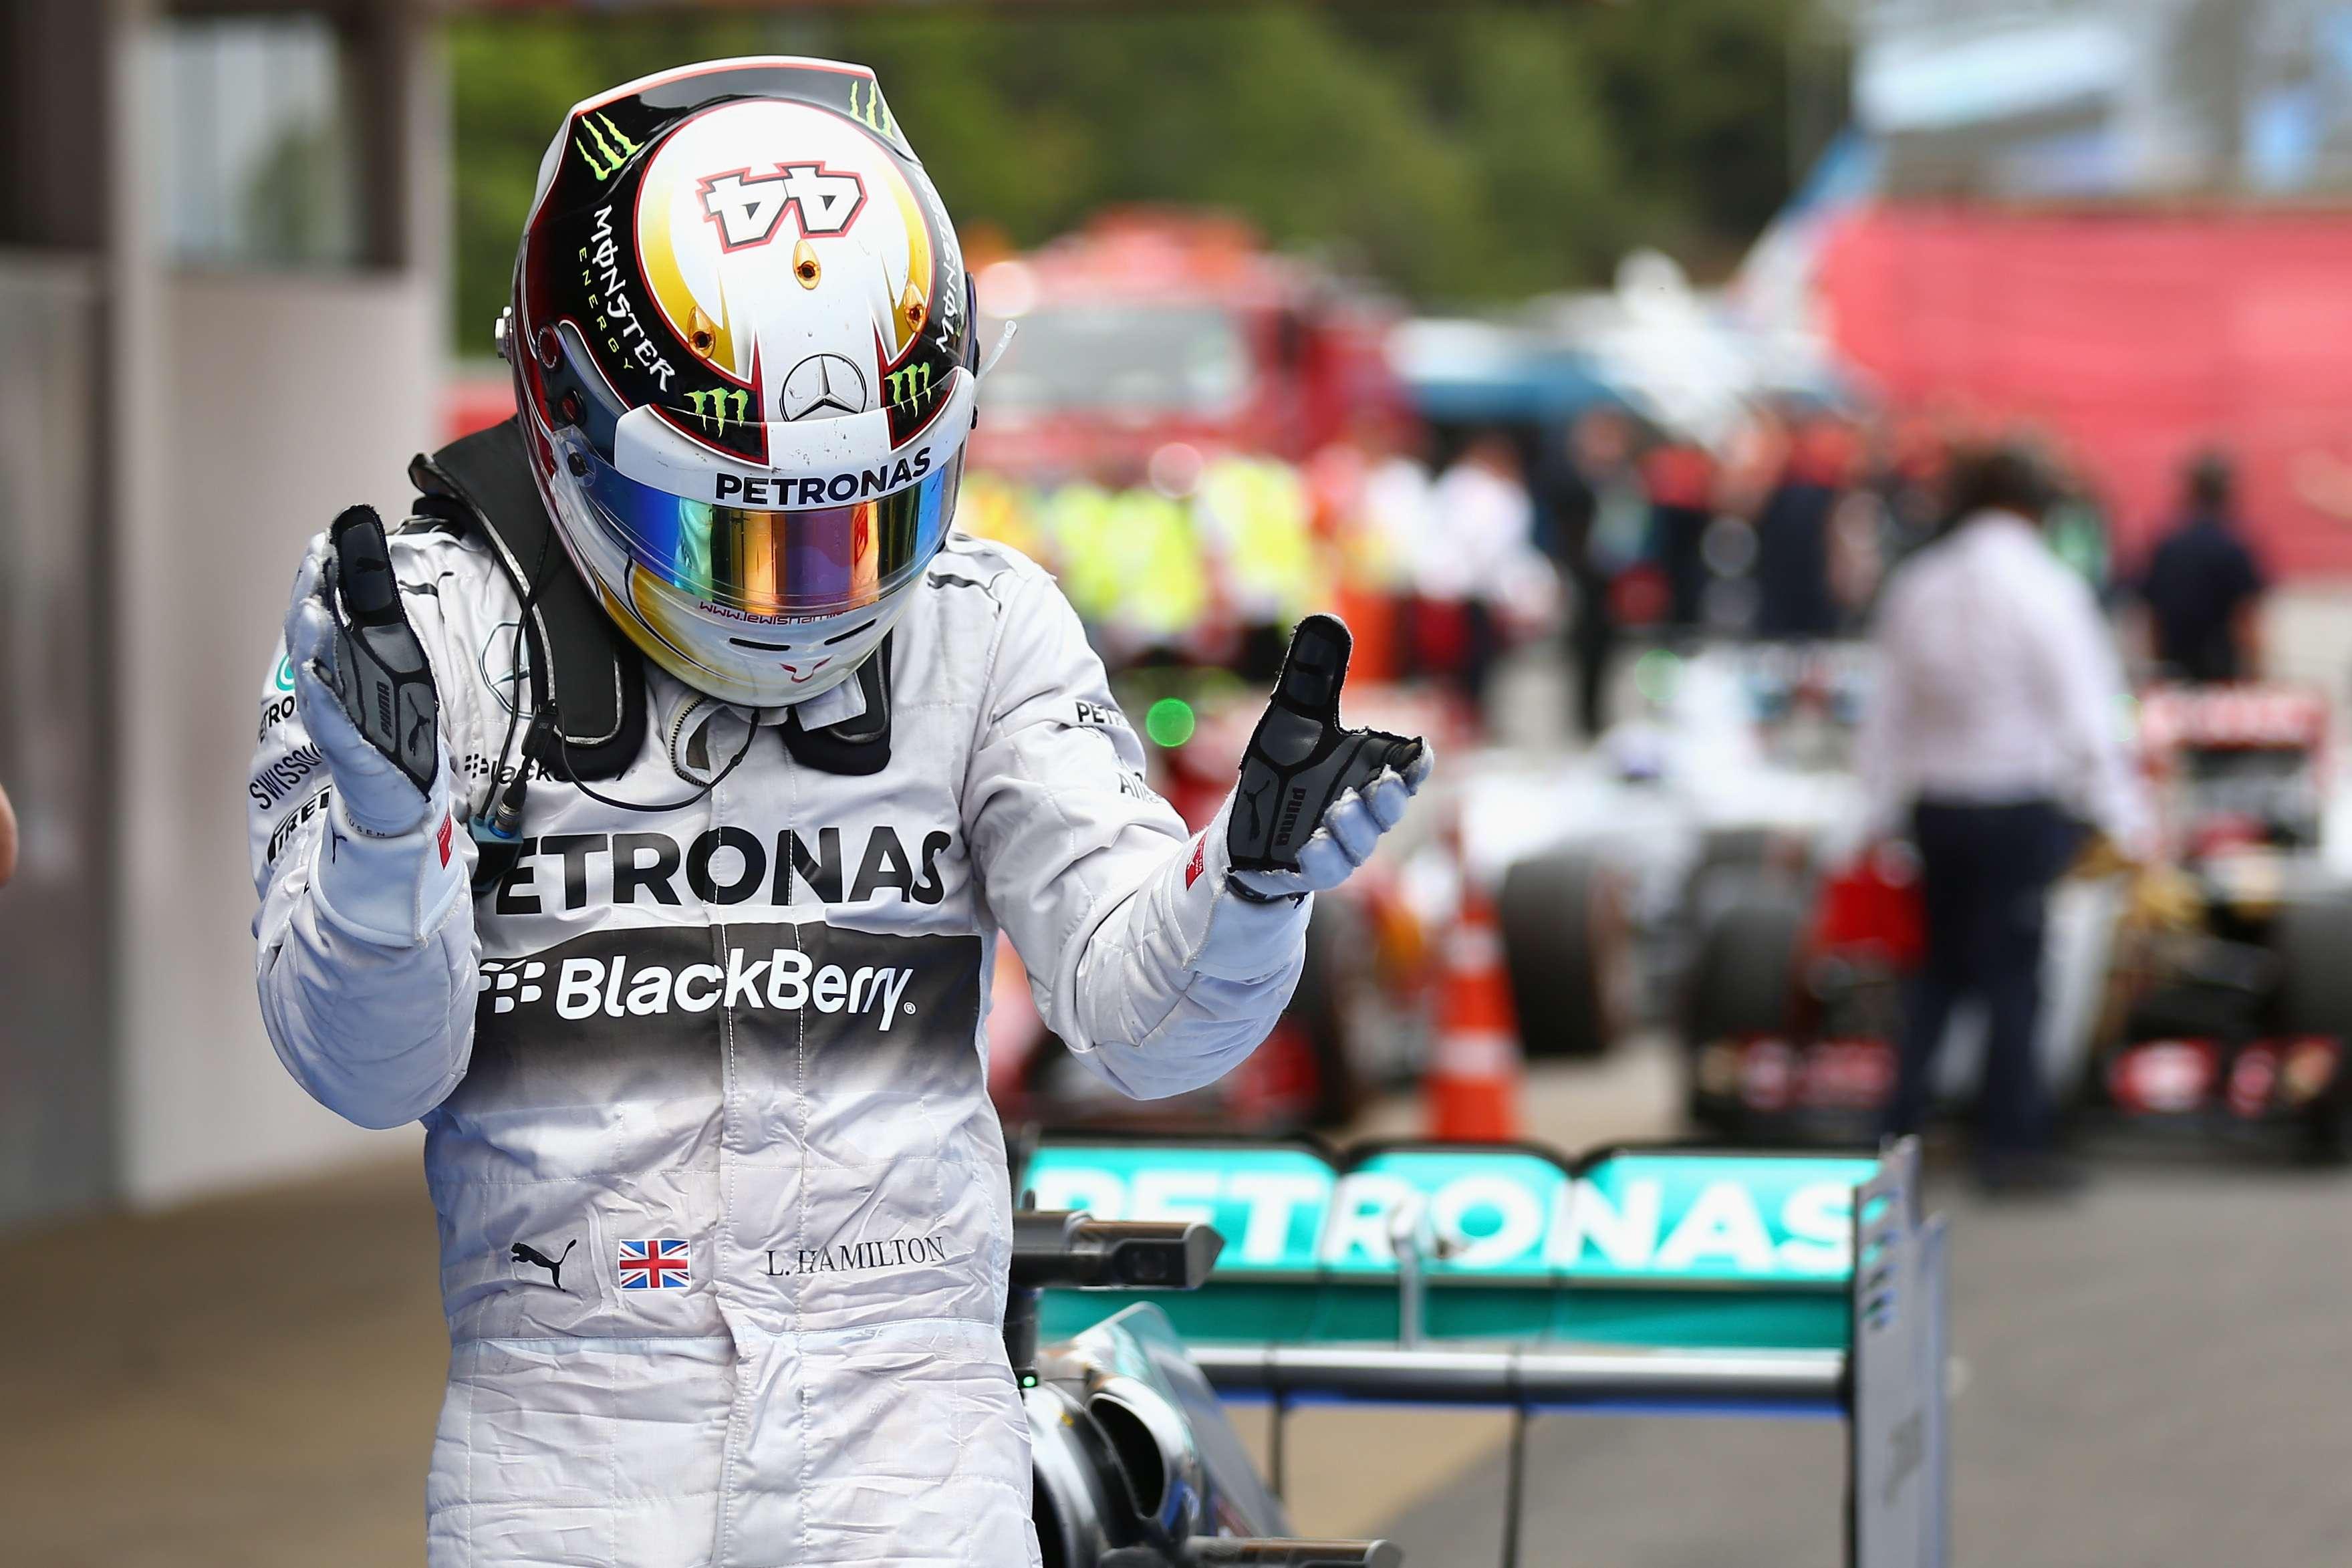 La prueba de Abu Dabi tendrá doble puntuación para aumentar la emoción de un posible desenlace del campeonato, el piloto ganador se llevará 50 puntos en lugar de los 25 que se dan en el campeonato normal. Foto: Getty images